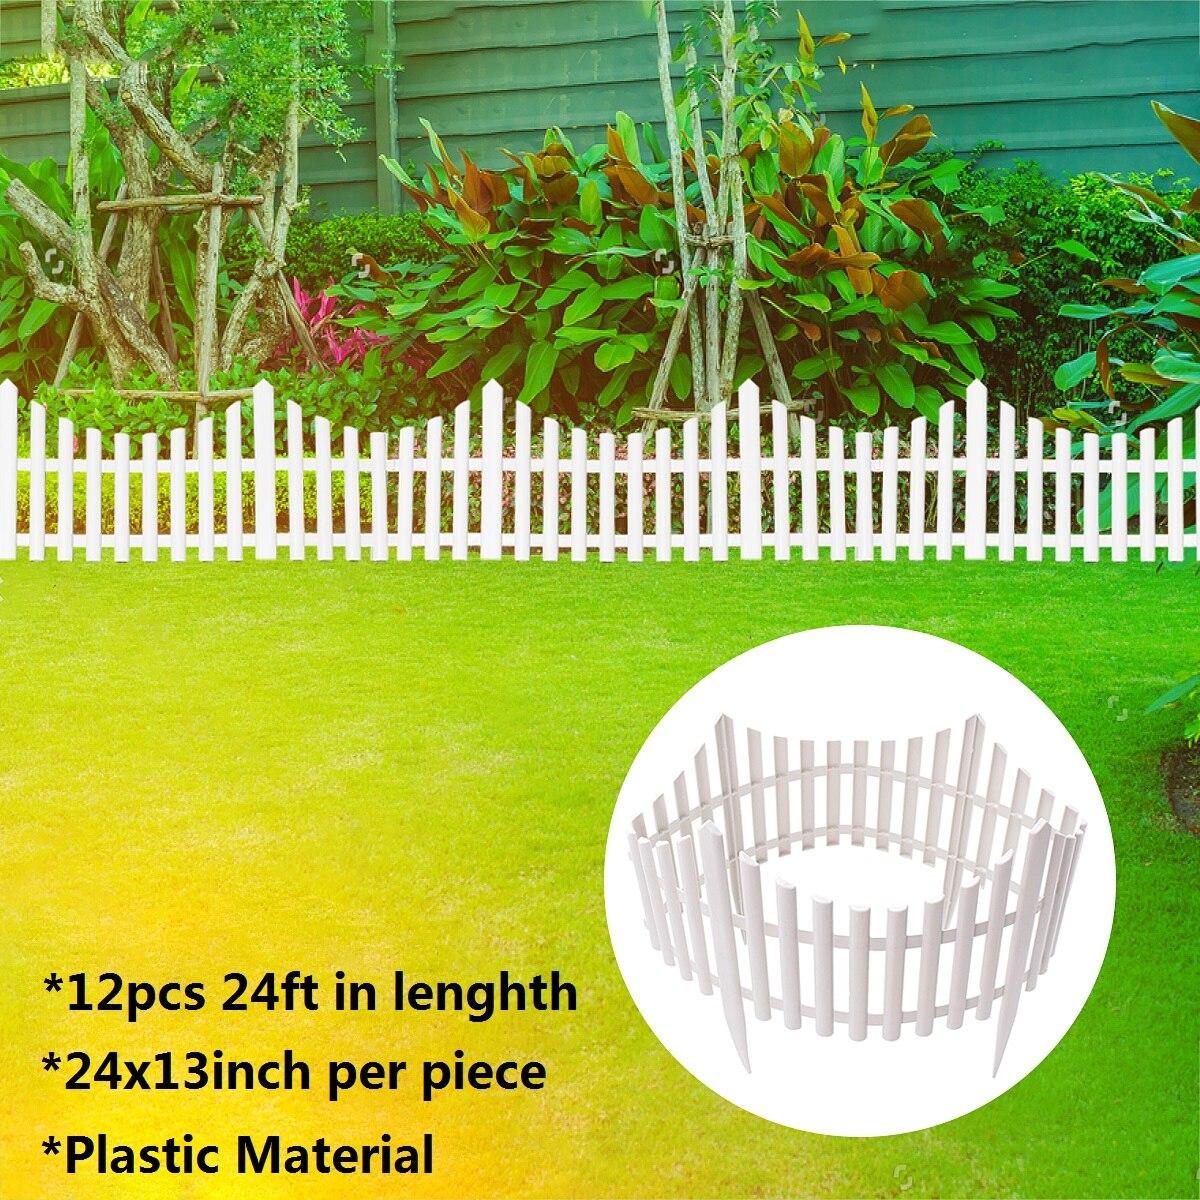 12 pcs En Plastique Jardin Frontière Clôtures Clôture Panneaux En Plein Air Paysage Décor Bordure Cour Facile Installer Insérer Sol Type 610 x 330mm